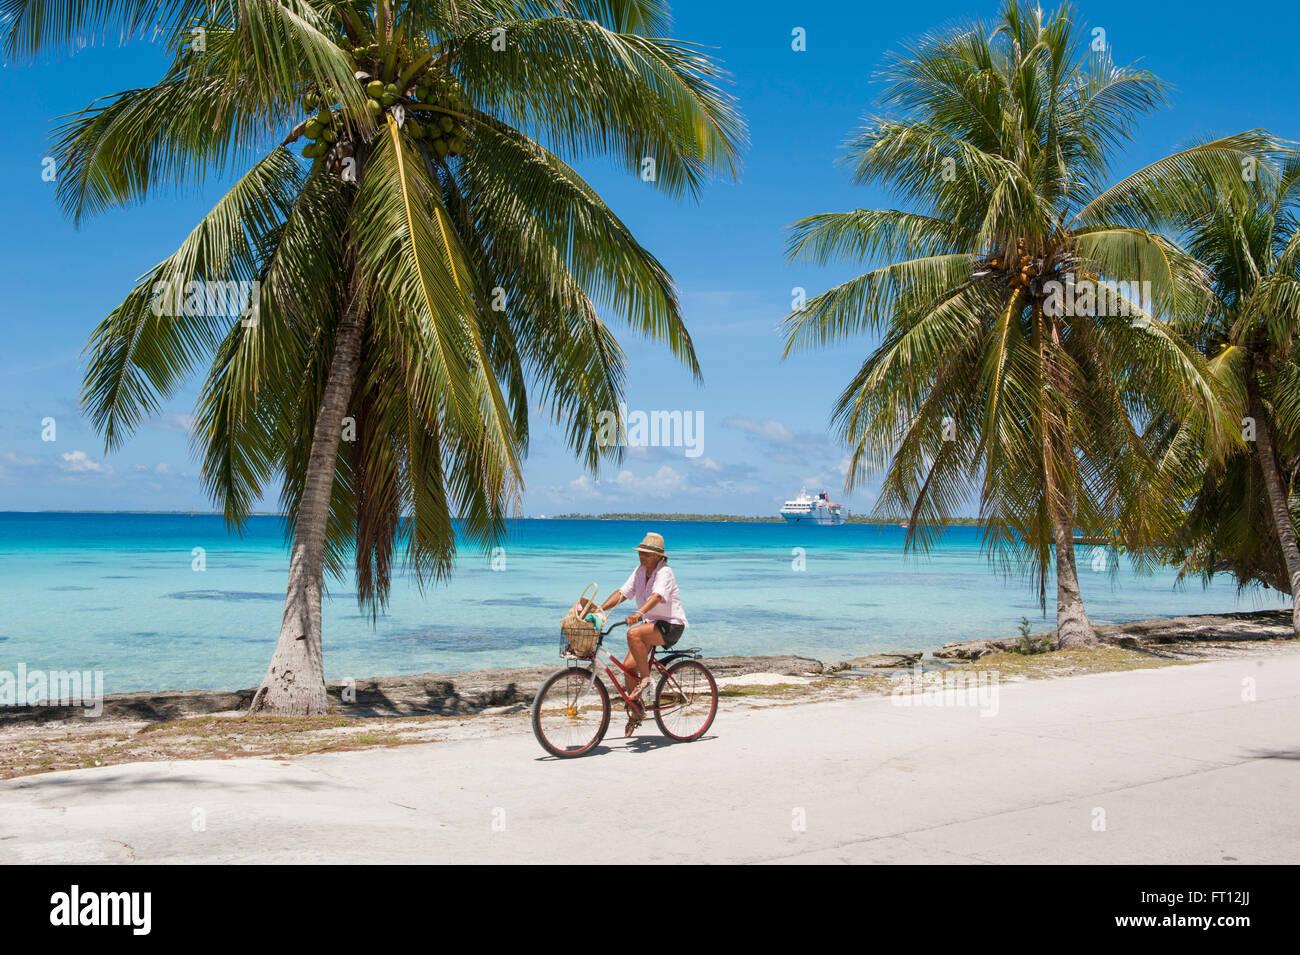 El hombre monta su bicicleta junto a una carretera con palmeras, expedición barco crucero MS Hanseatic Hapag Imagen De Stock